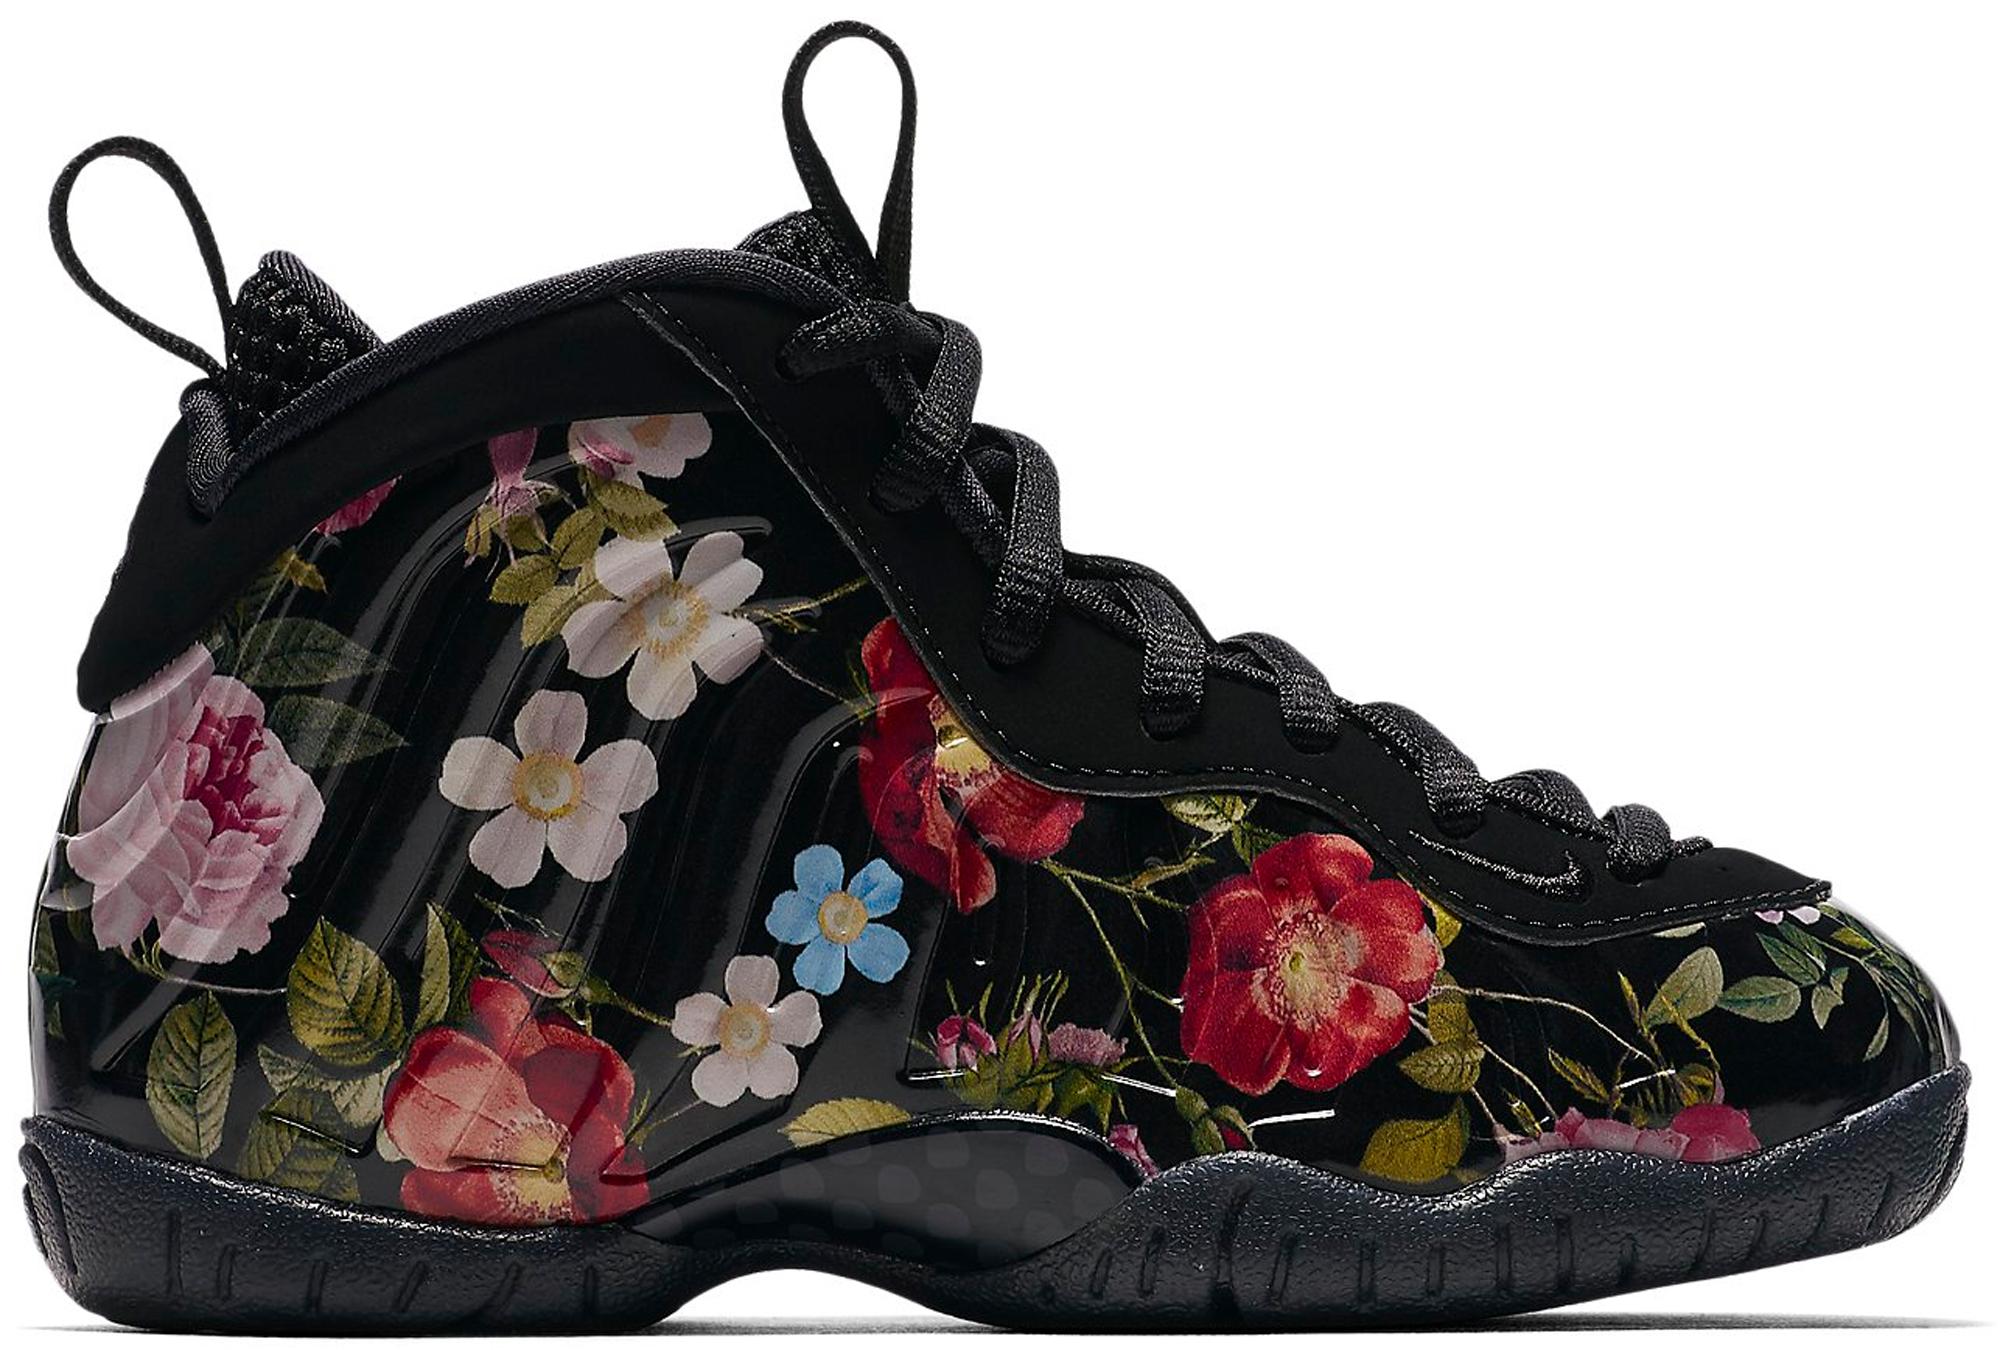 Nike Air Foamposite One Knicks Release Date ...Pinterest